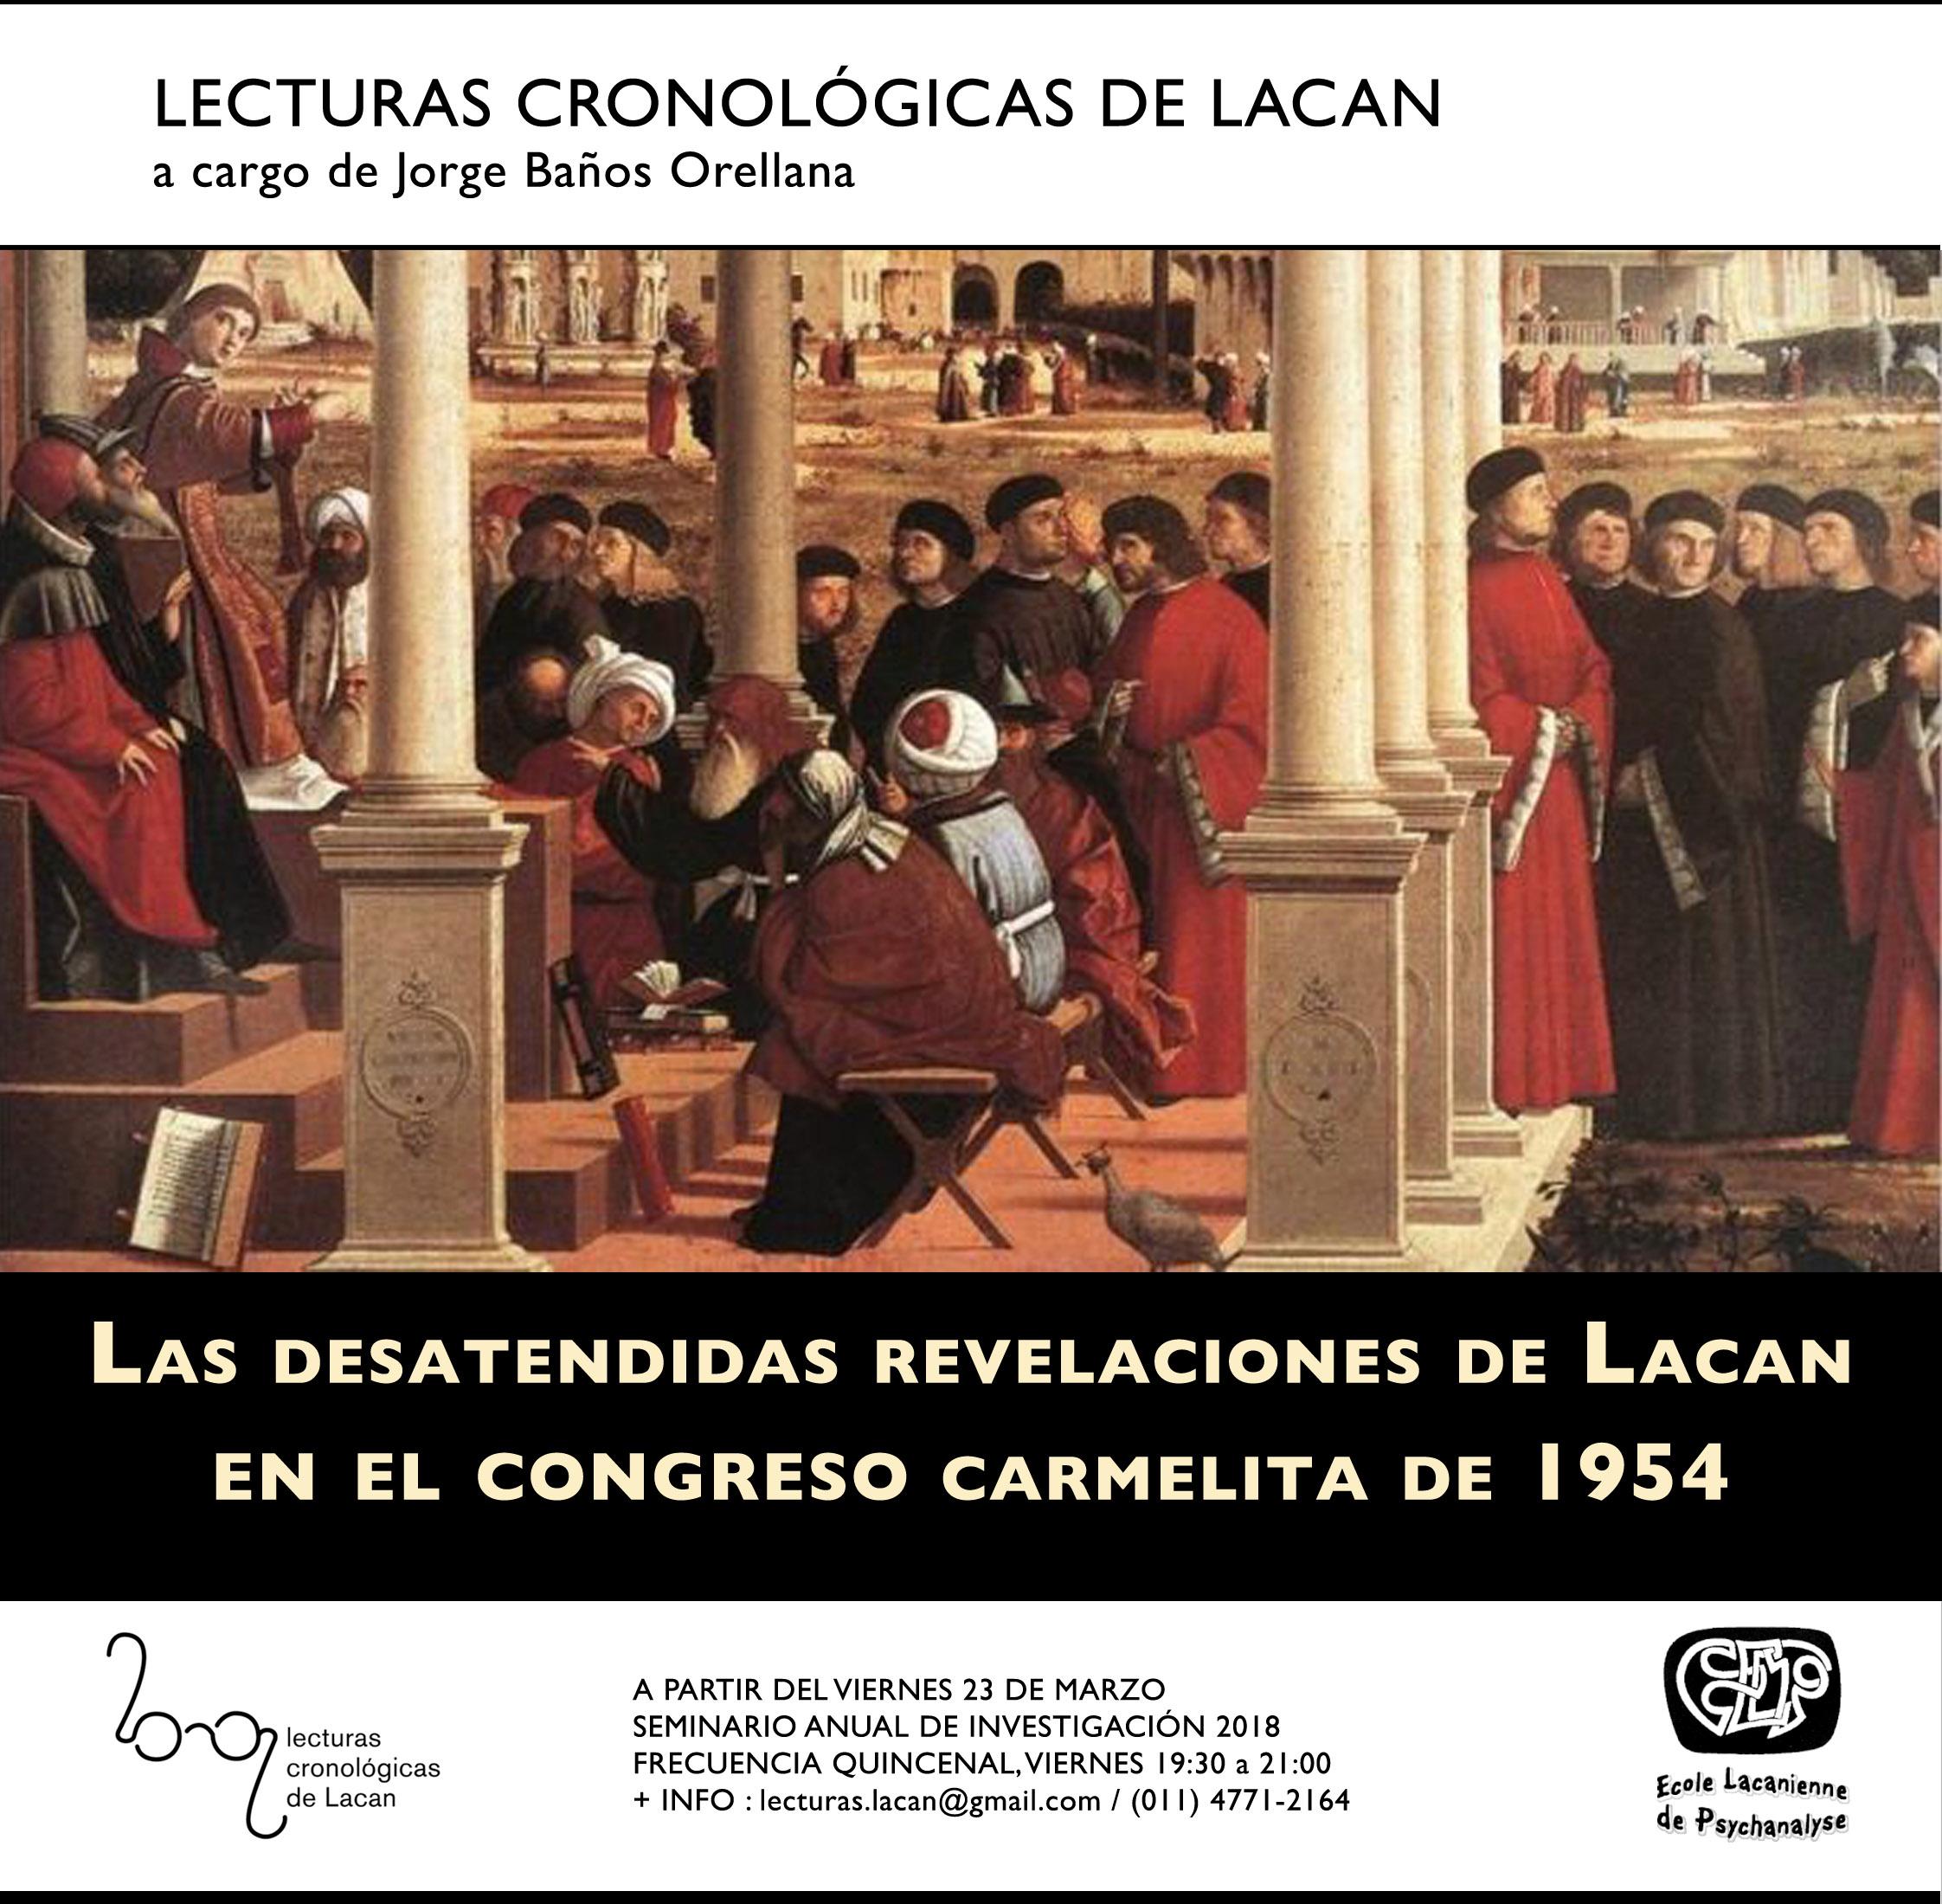 LECTURAS CRONOLÓGICAS DE LACAN